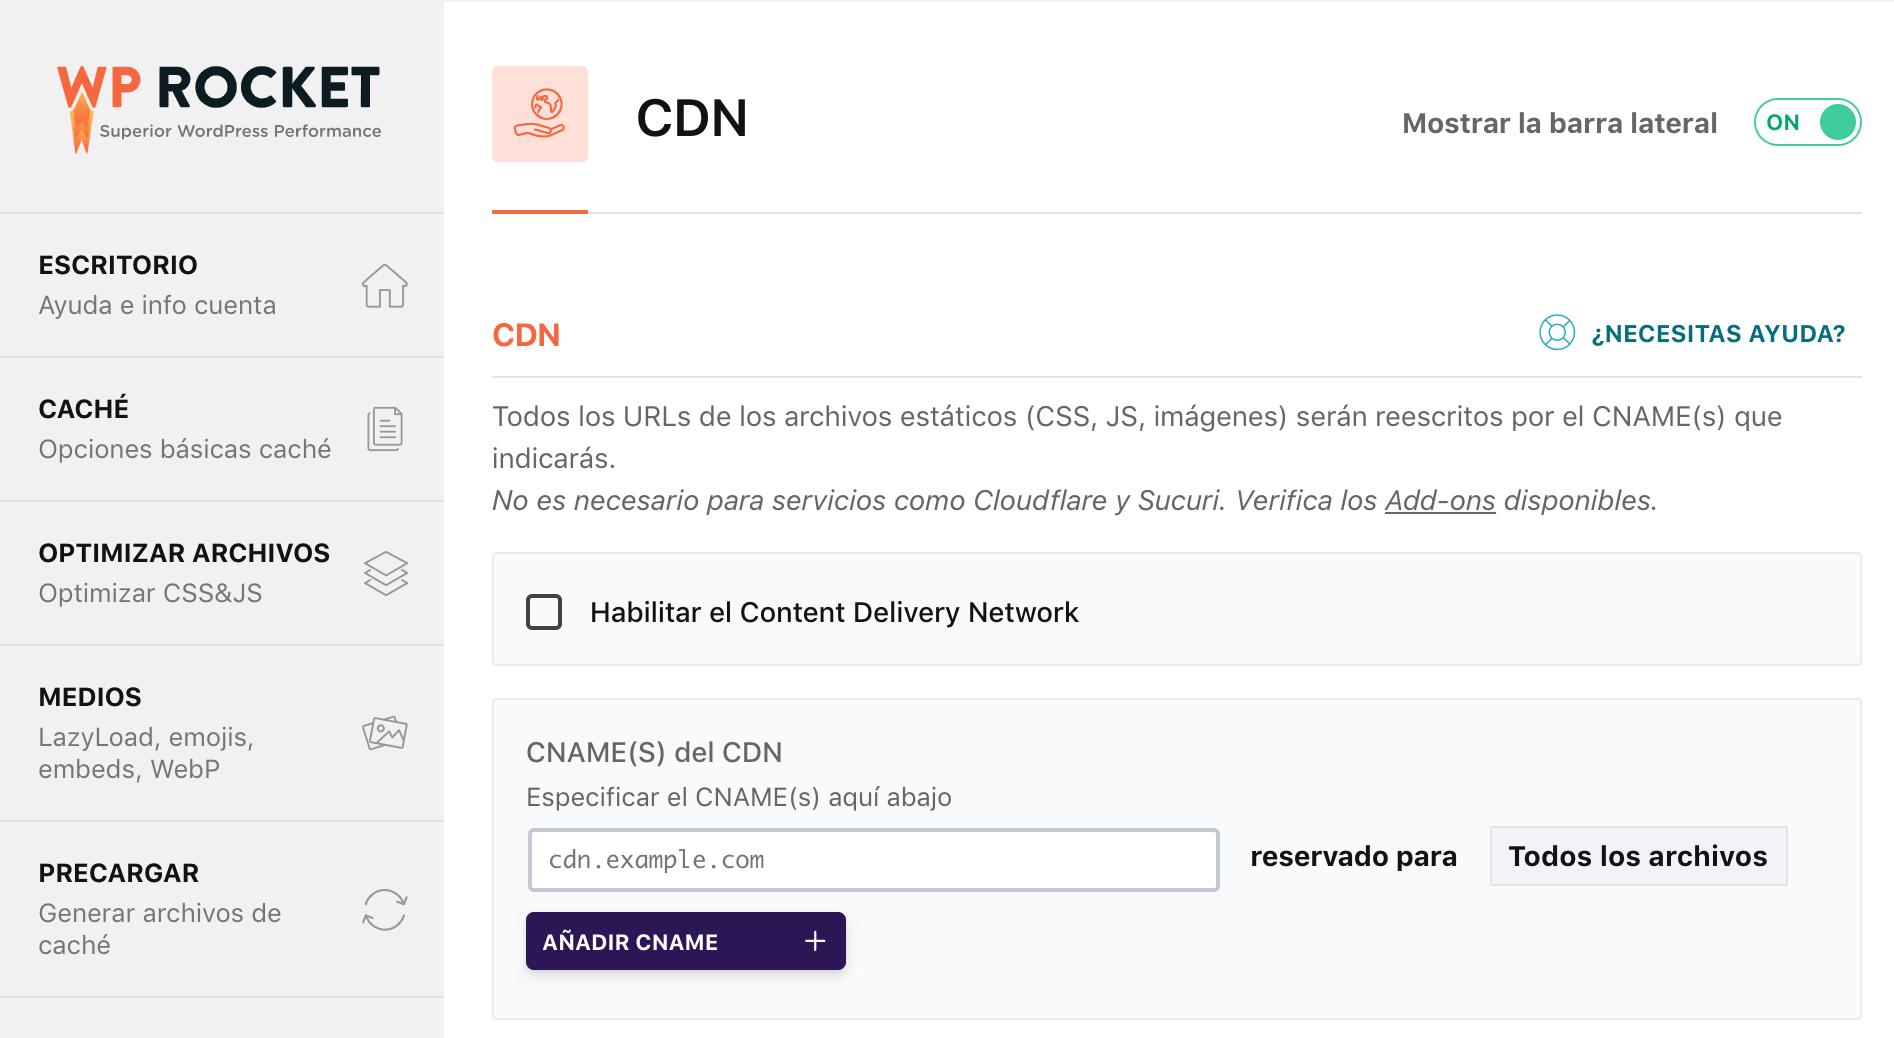 Configuración CDN en WP Rocket